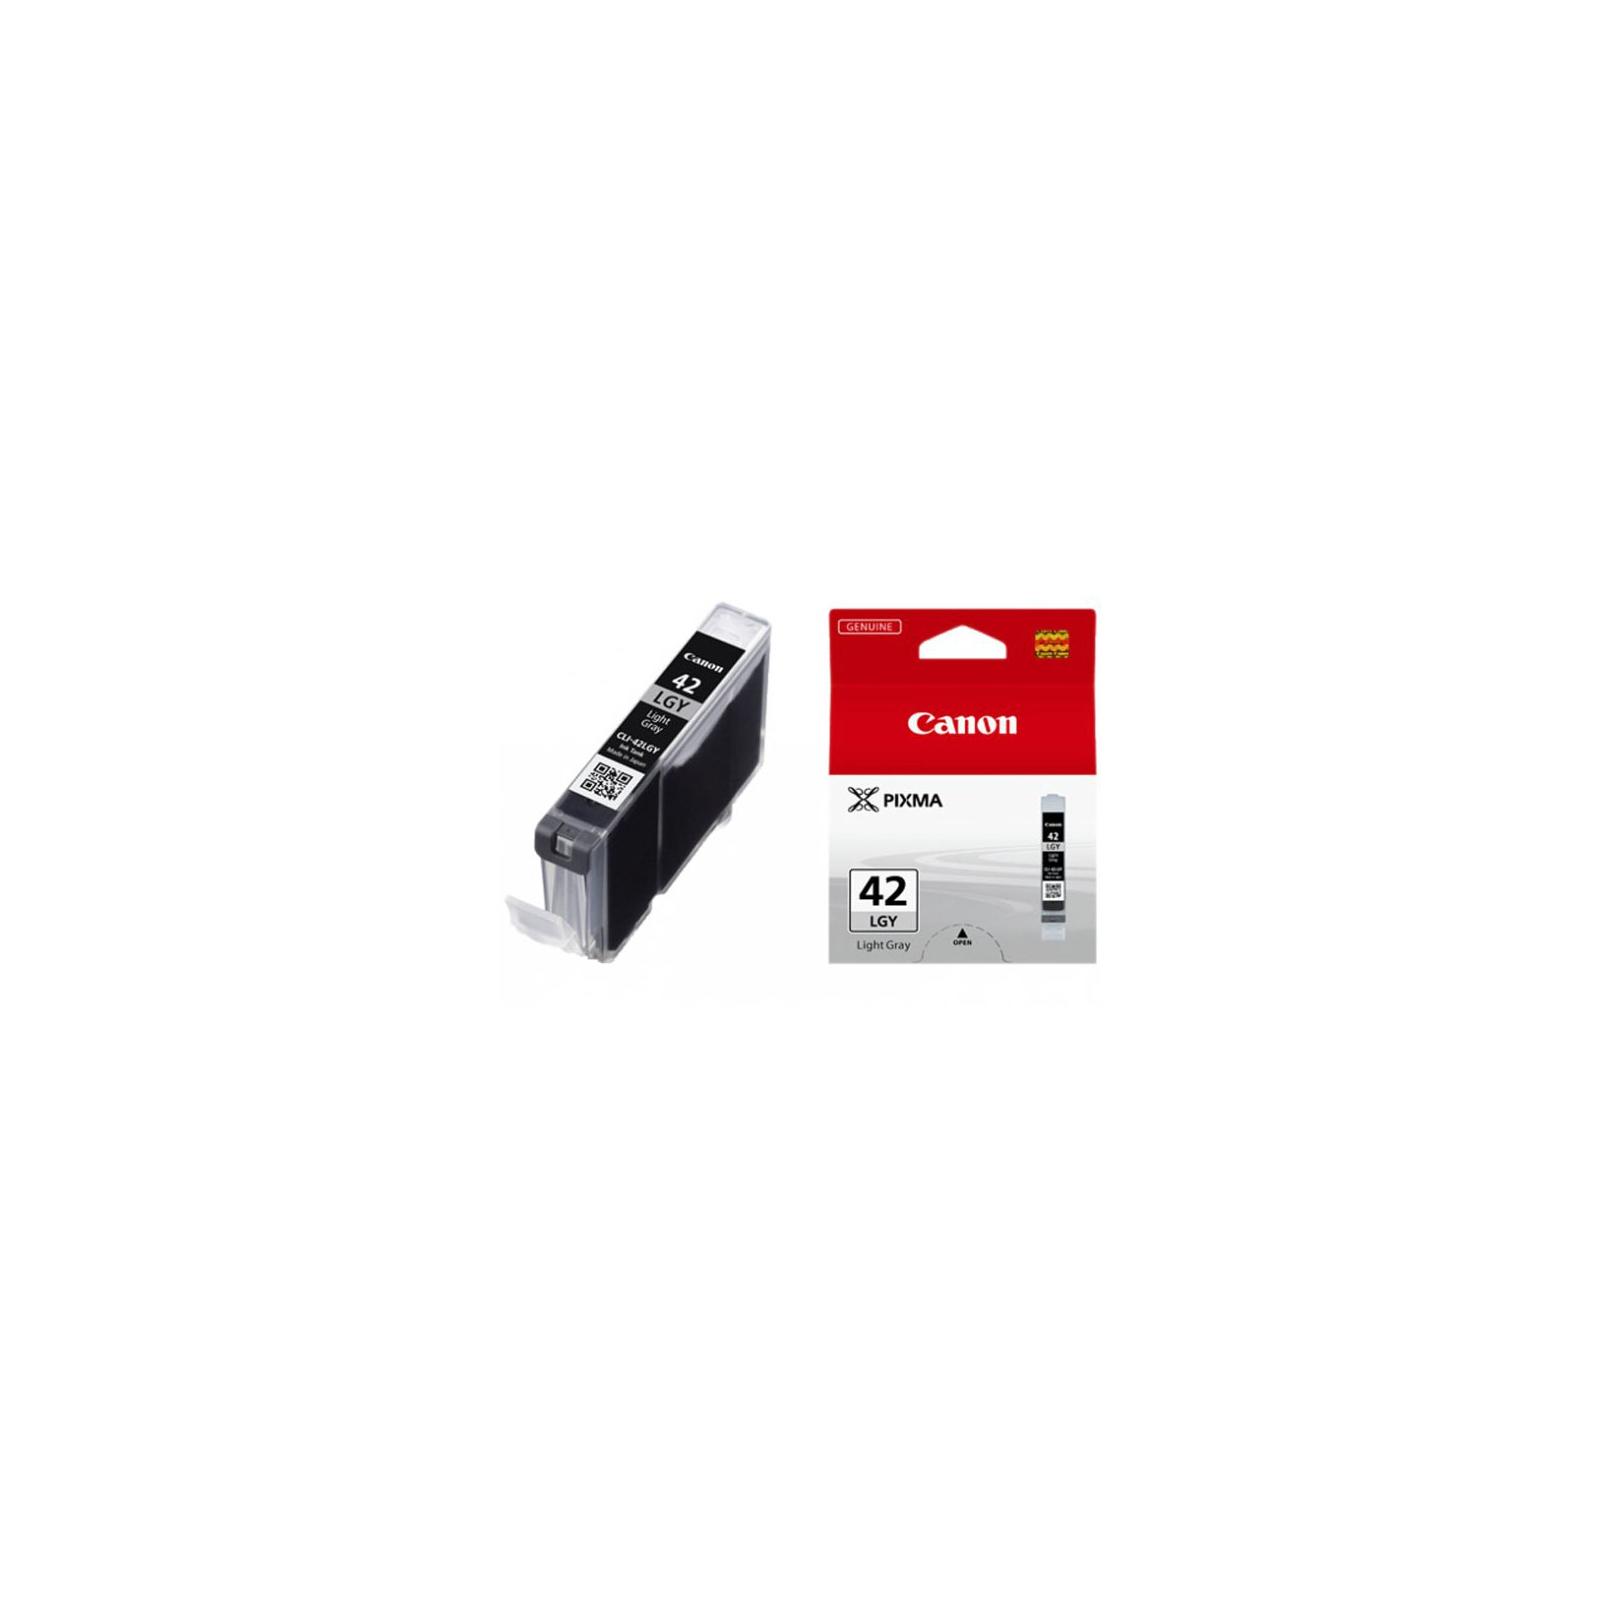 Картридж Canon CLI-42 Grey для PIXMA PRO-100 (6390B001)